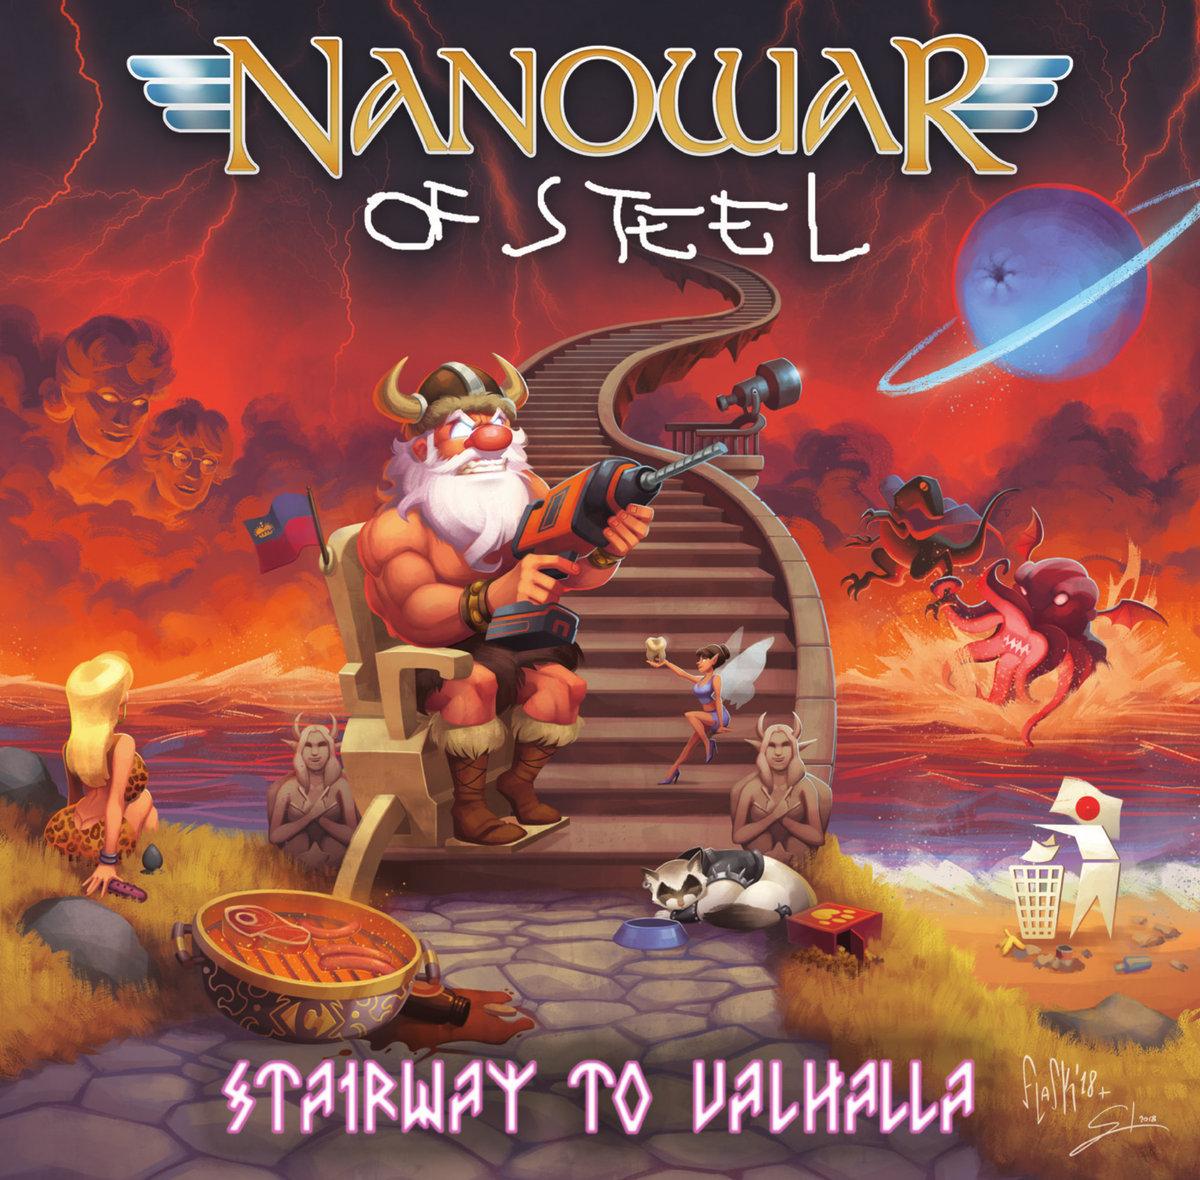 Nanowar of Steel: Stairway to Valhalla